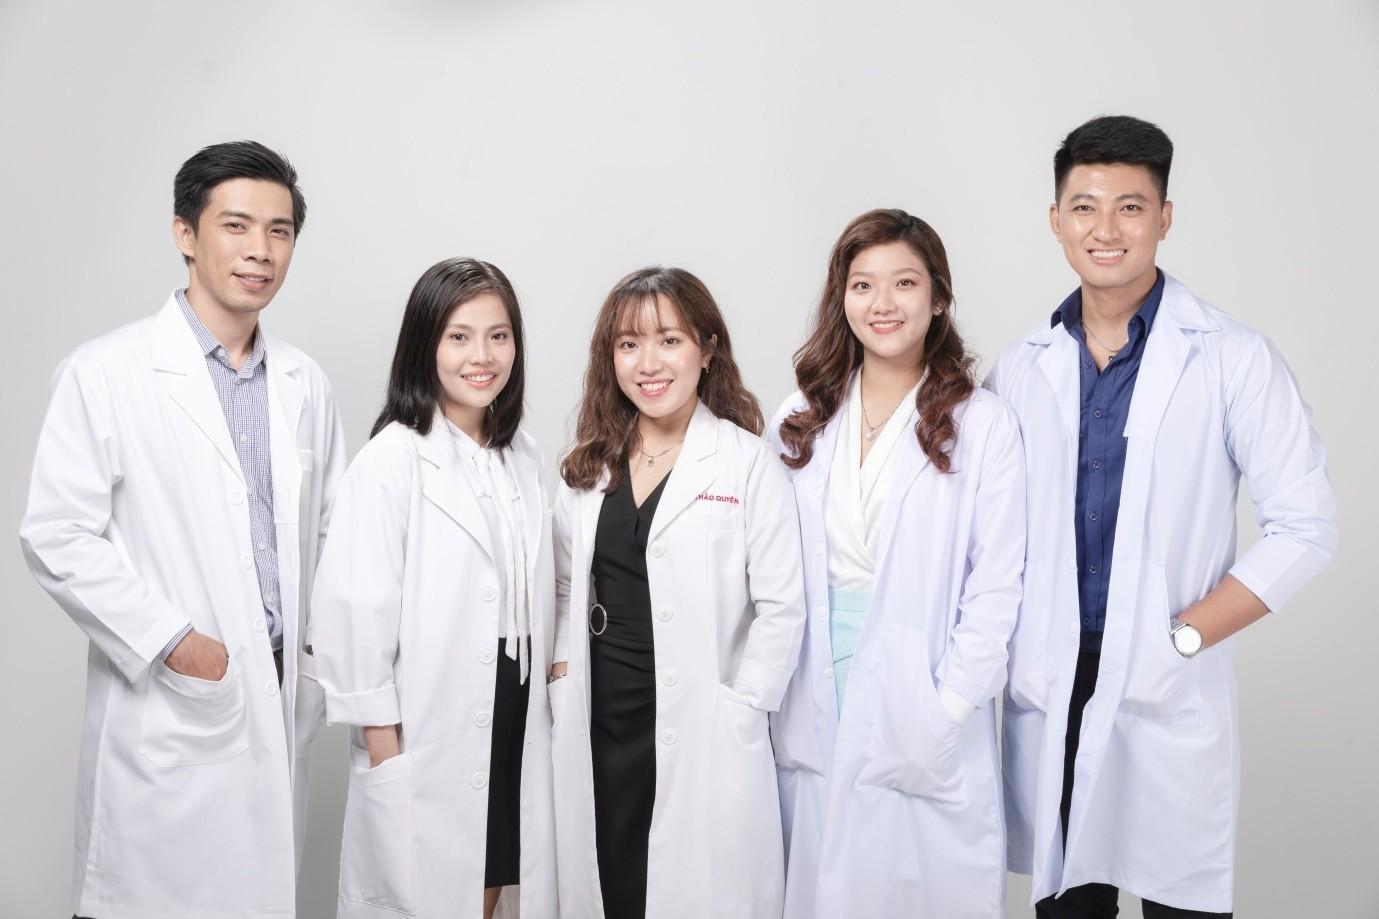 Đội ngũ bác sĩ, chuyên viên tư vấn tại ViSkin.